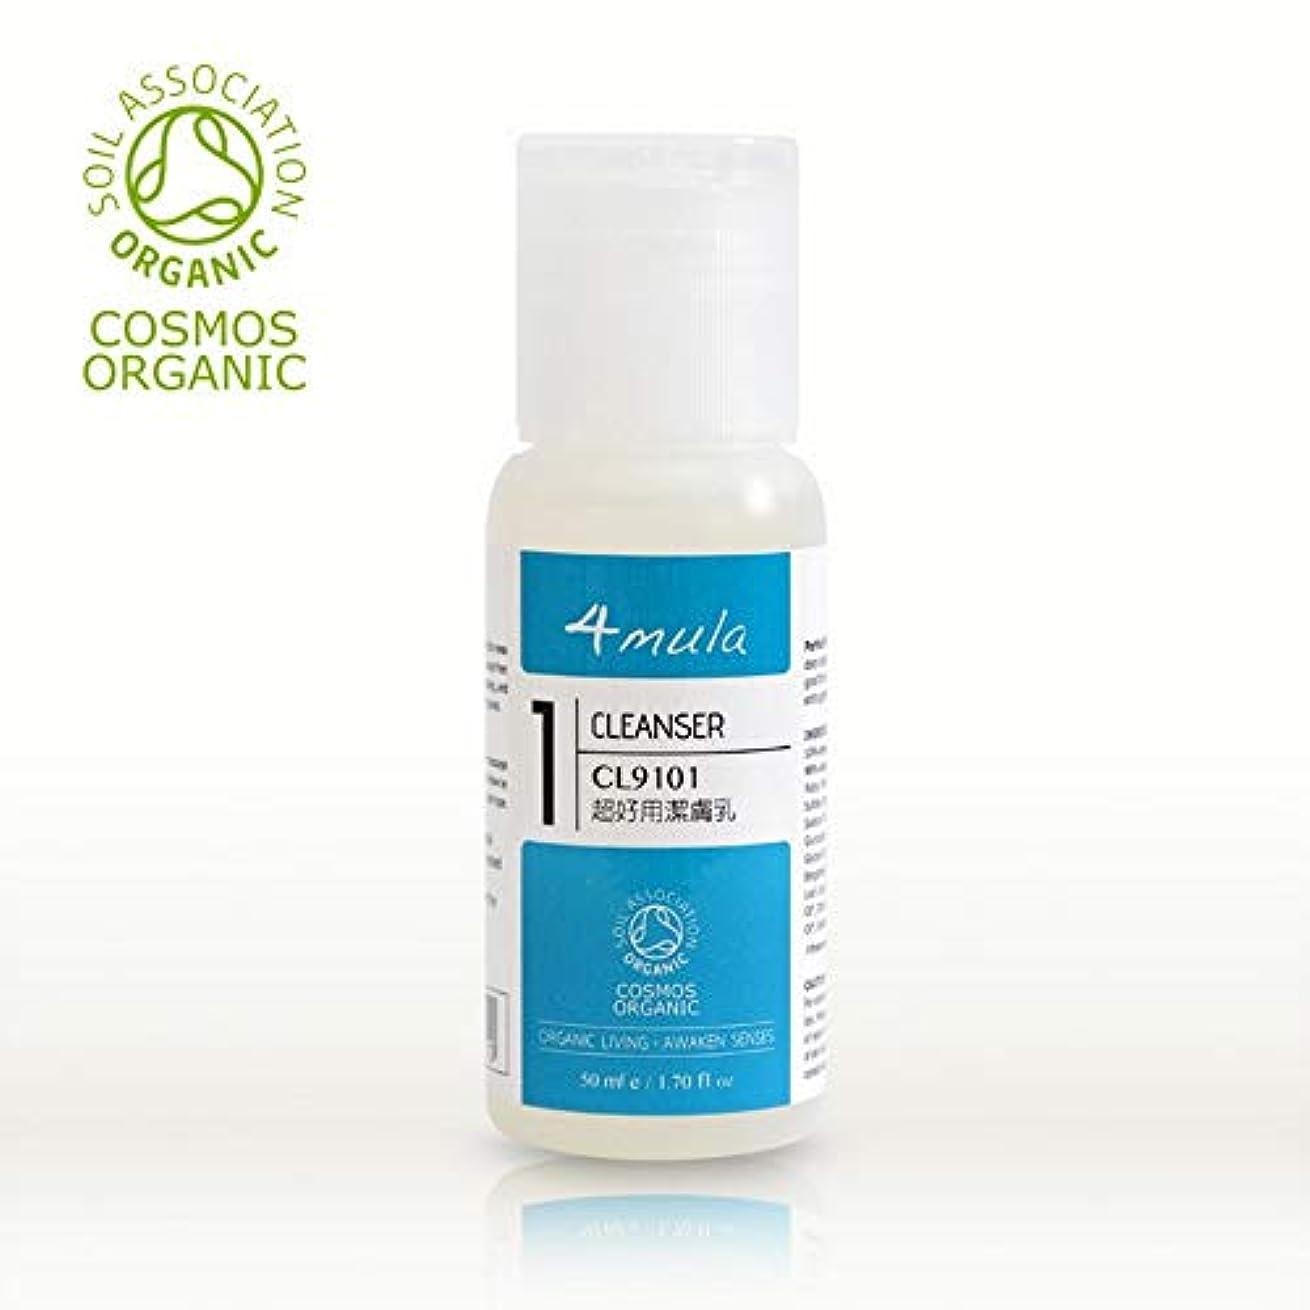 郵便化合物くるくるCL9101 超好用潔膚乳 PERFECT WASH CL9101 50ml/1.70 fl oz